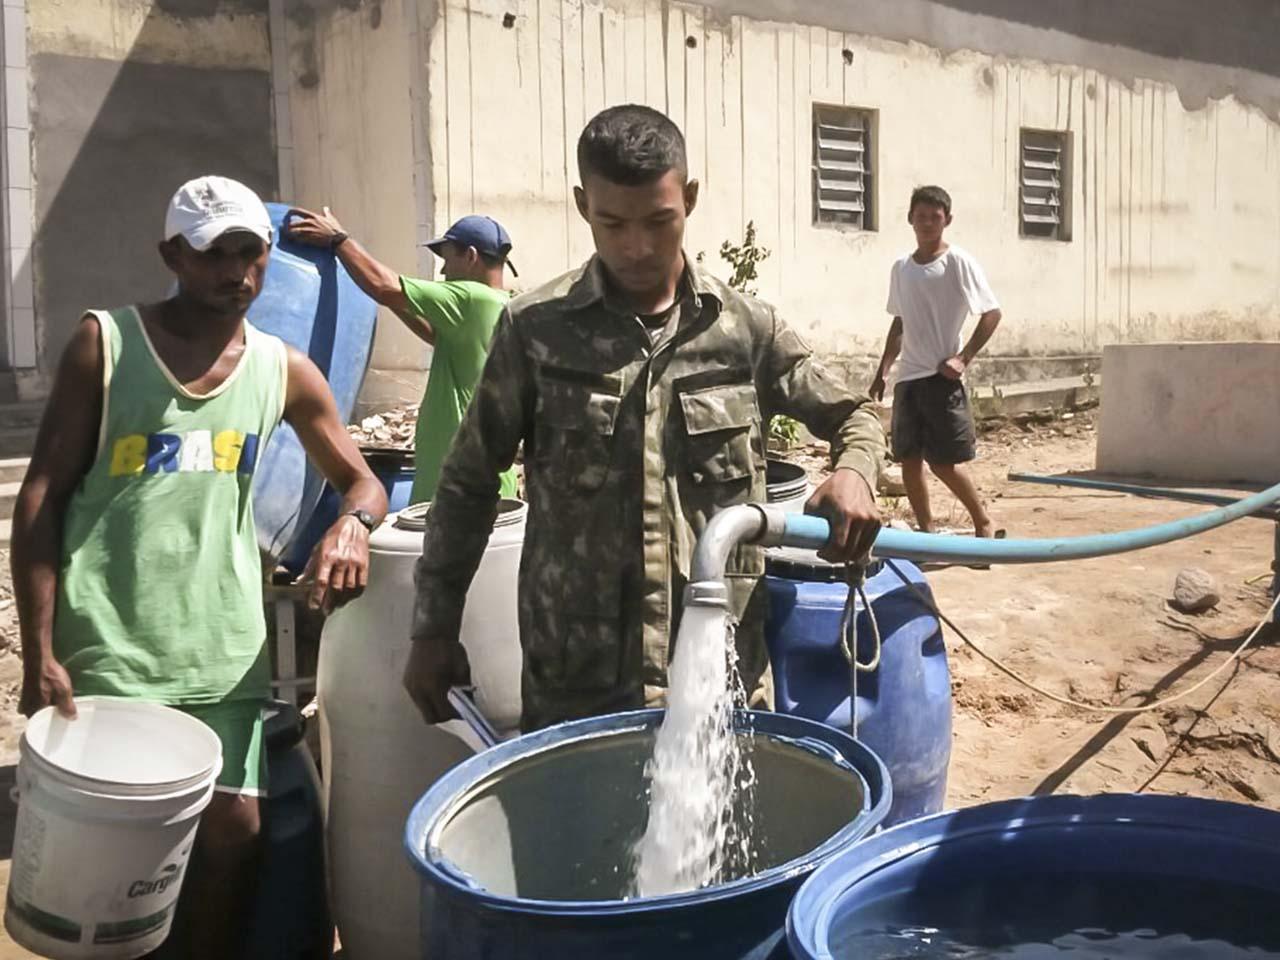 Poços artesianos perfurados pela Engenharia do Exército proveem água à população do semiárido nordestino